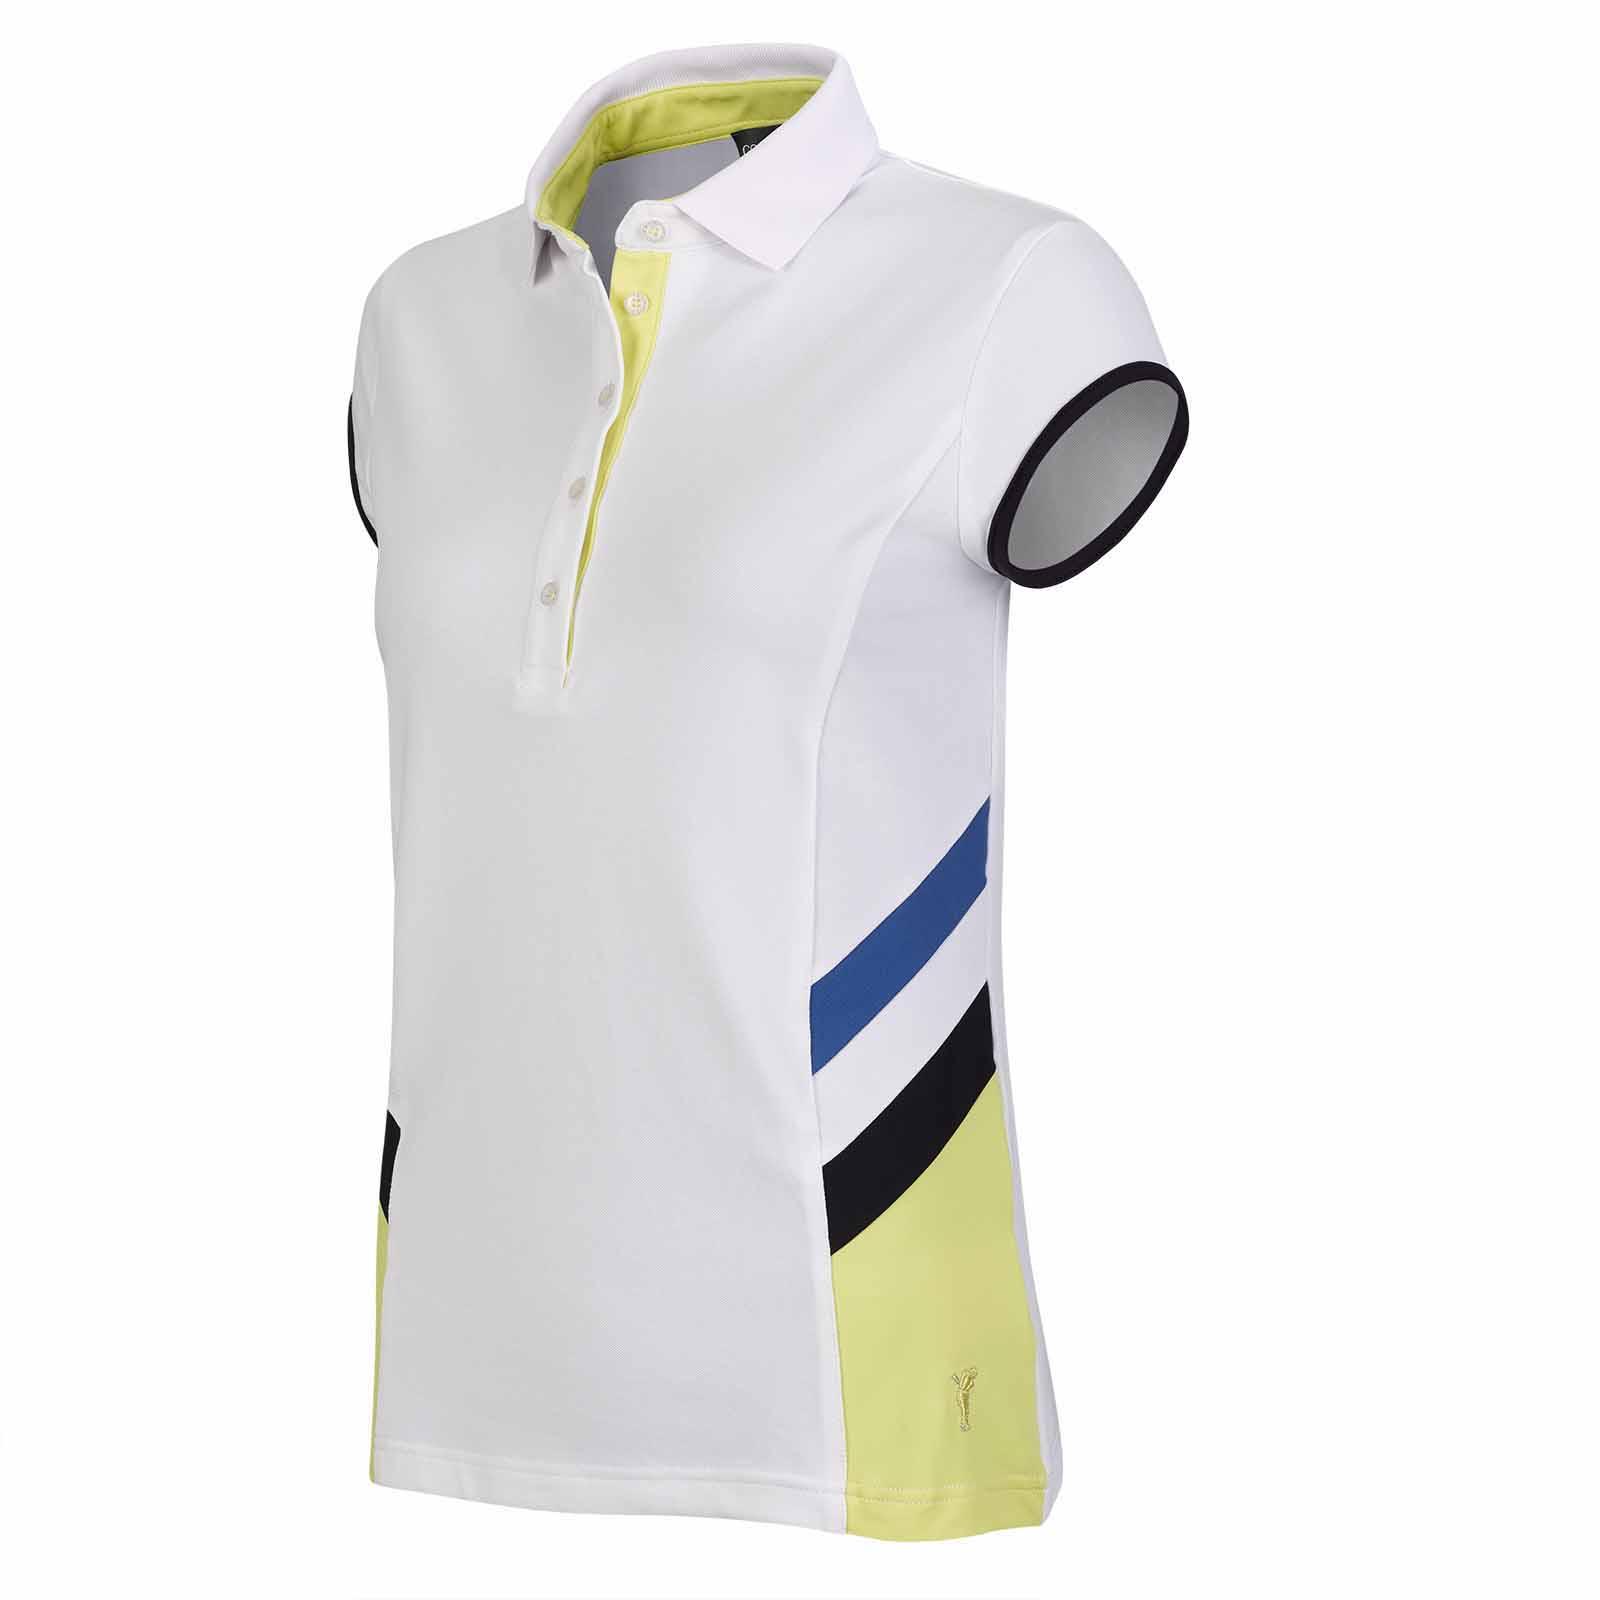 Damen Golf Poloshirt mit Sonnenschutz, Stretch-Funktion und Flügelärmeln